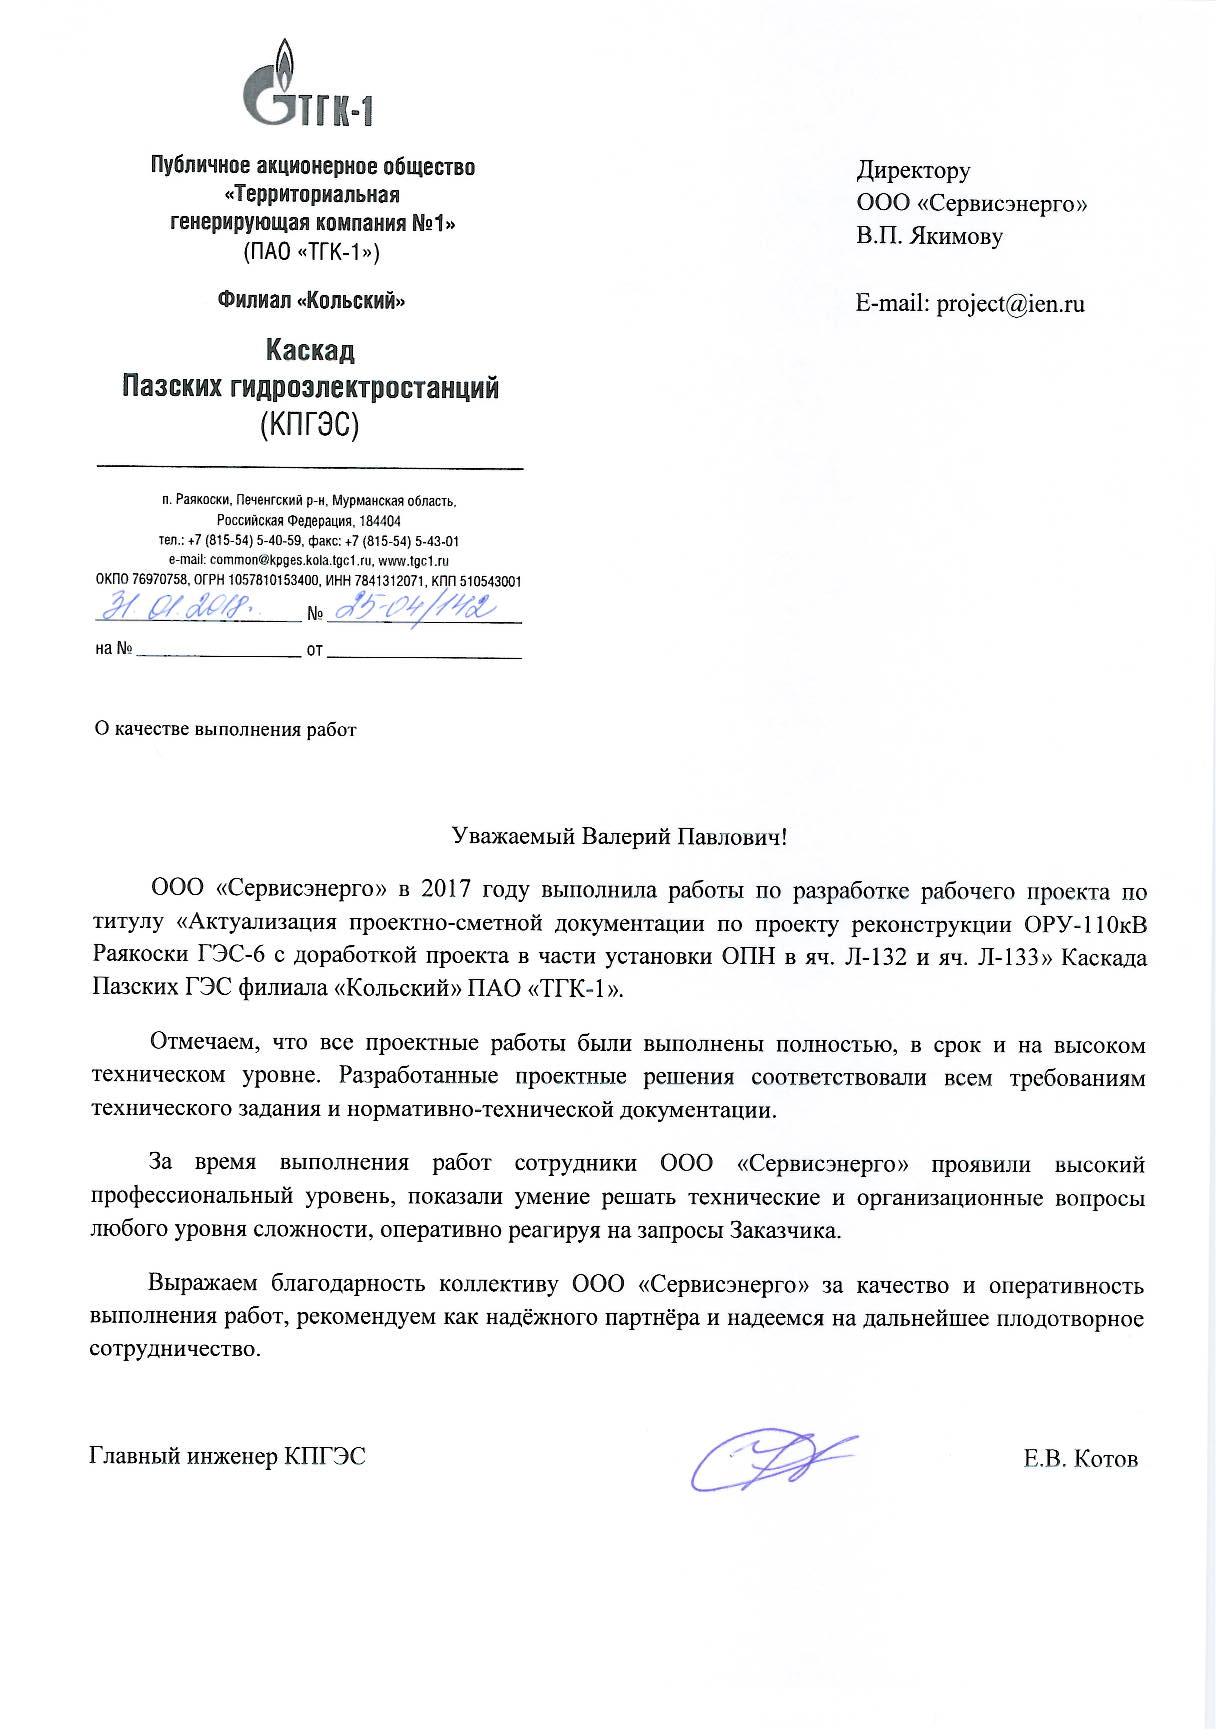 отзыв_2018_Каскад Пазских ГЭС (СЕРВИСЭНЕРГО)